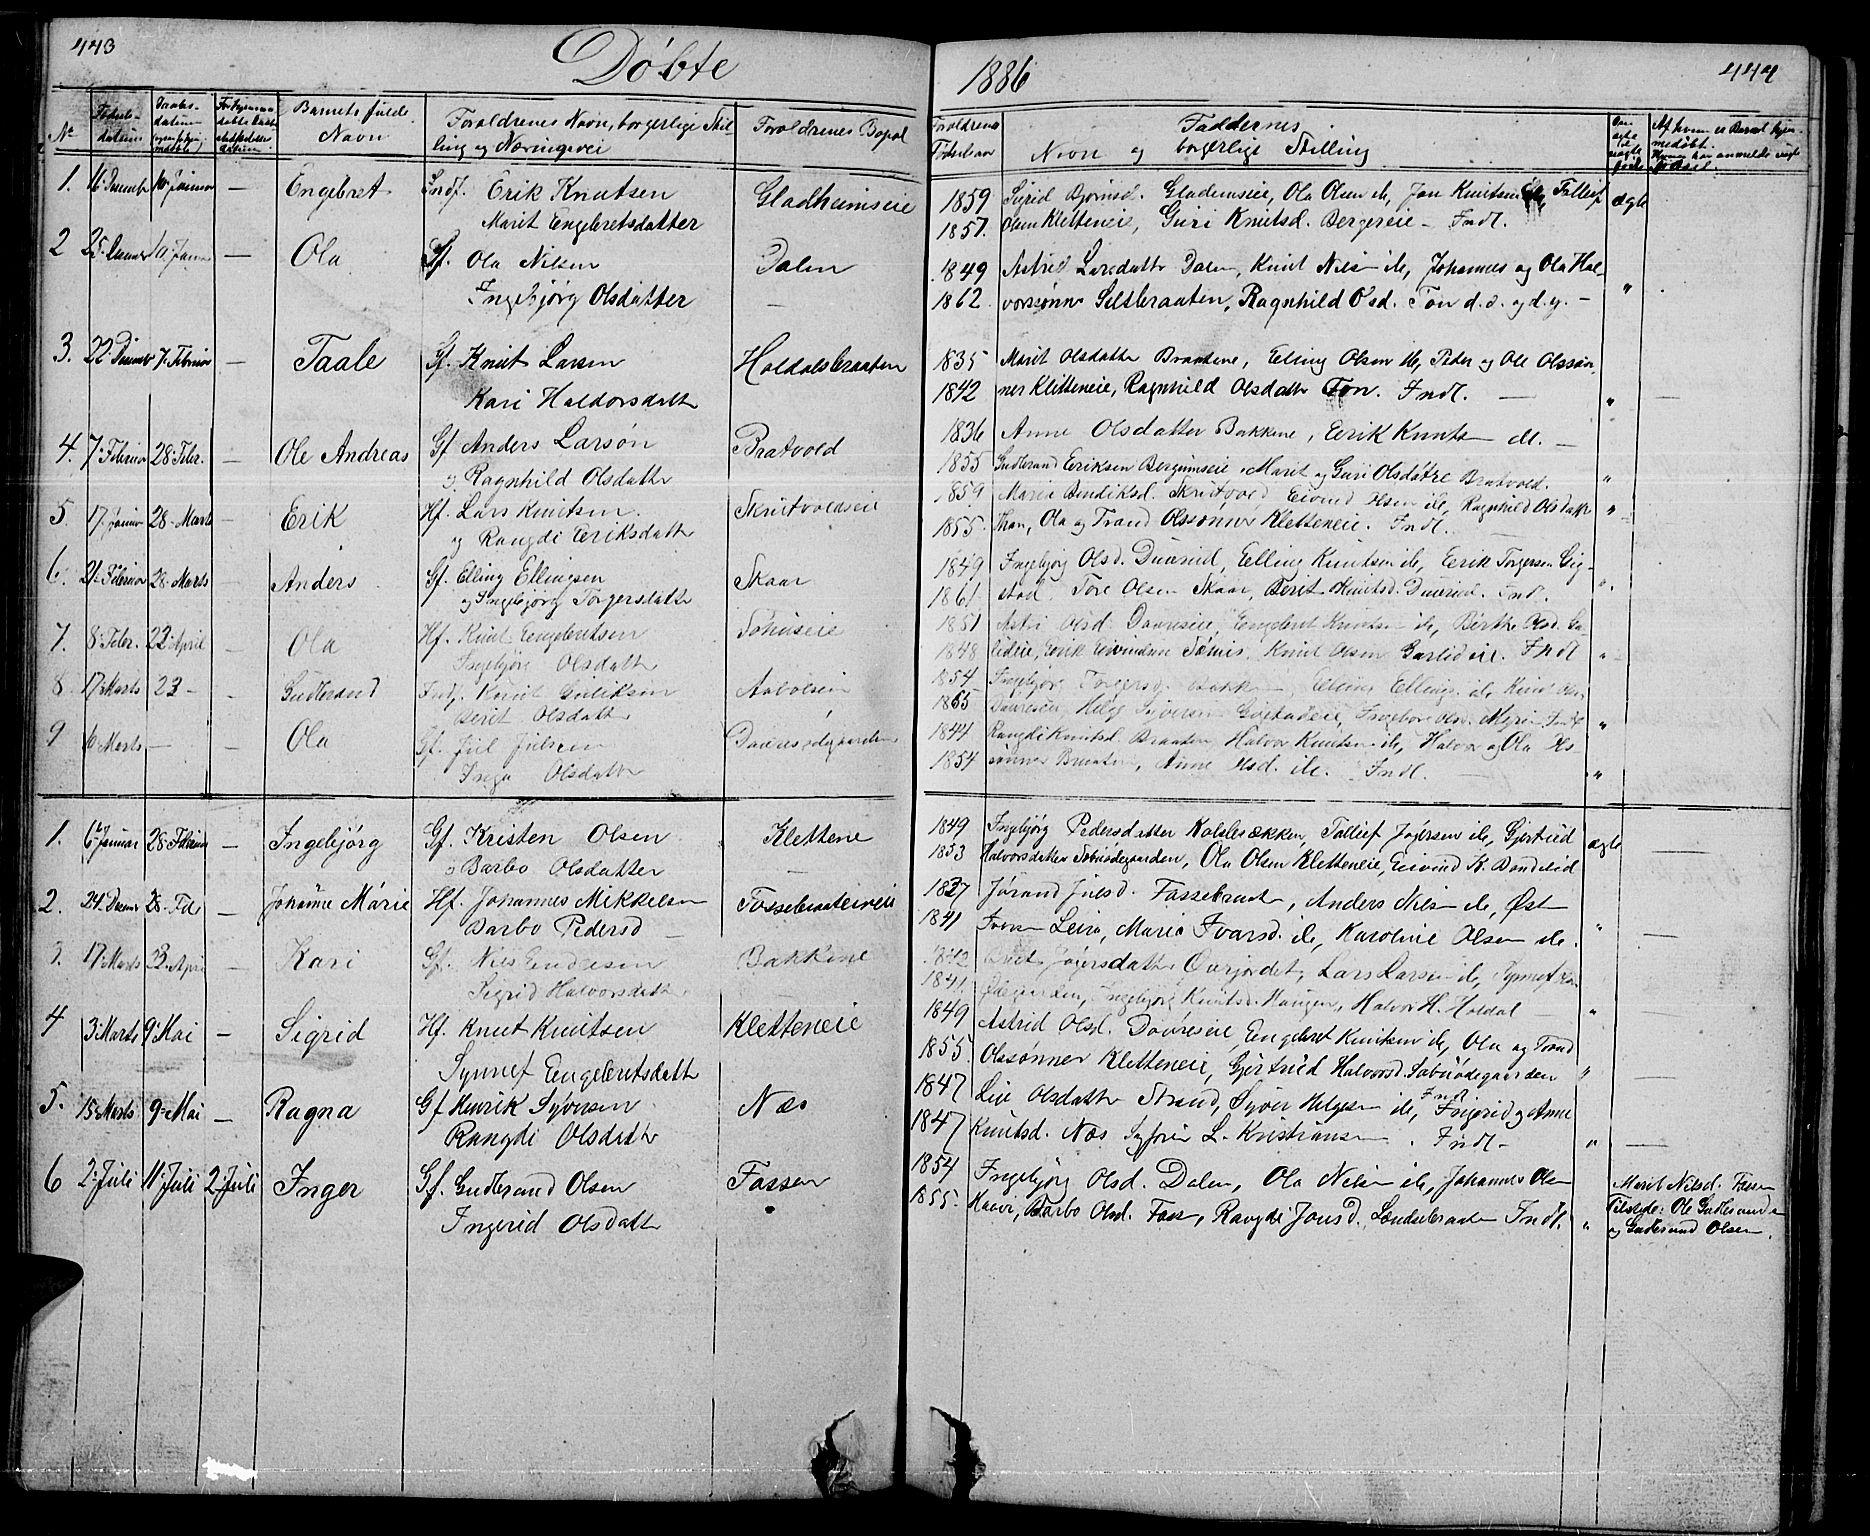 SAH, Nord-Aurdal prestekontor, Klokkerbok nr. 1, 1834-1887, s. 443-444